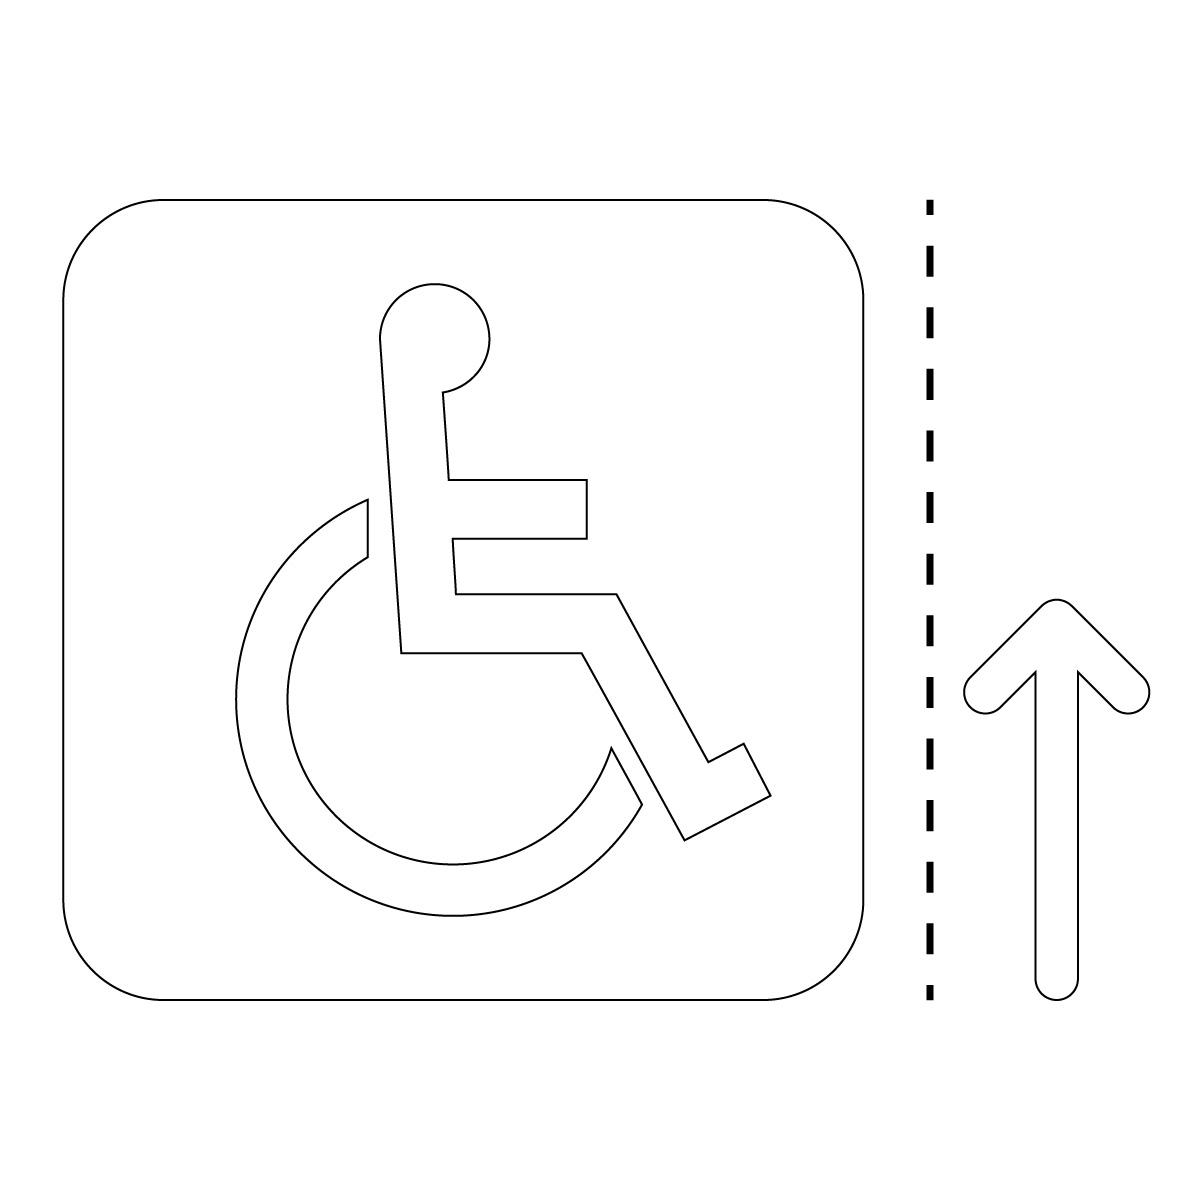 白色の車椅子・障害者案内マーク(矢印付き)のカッティングステッカー・シール